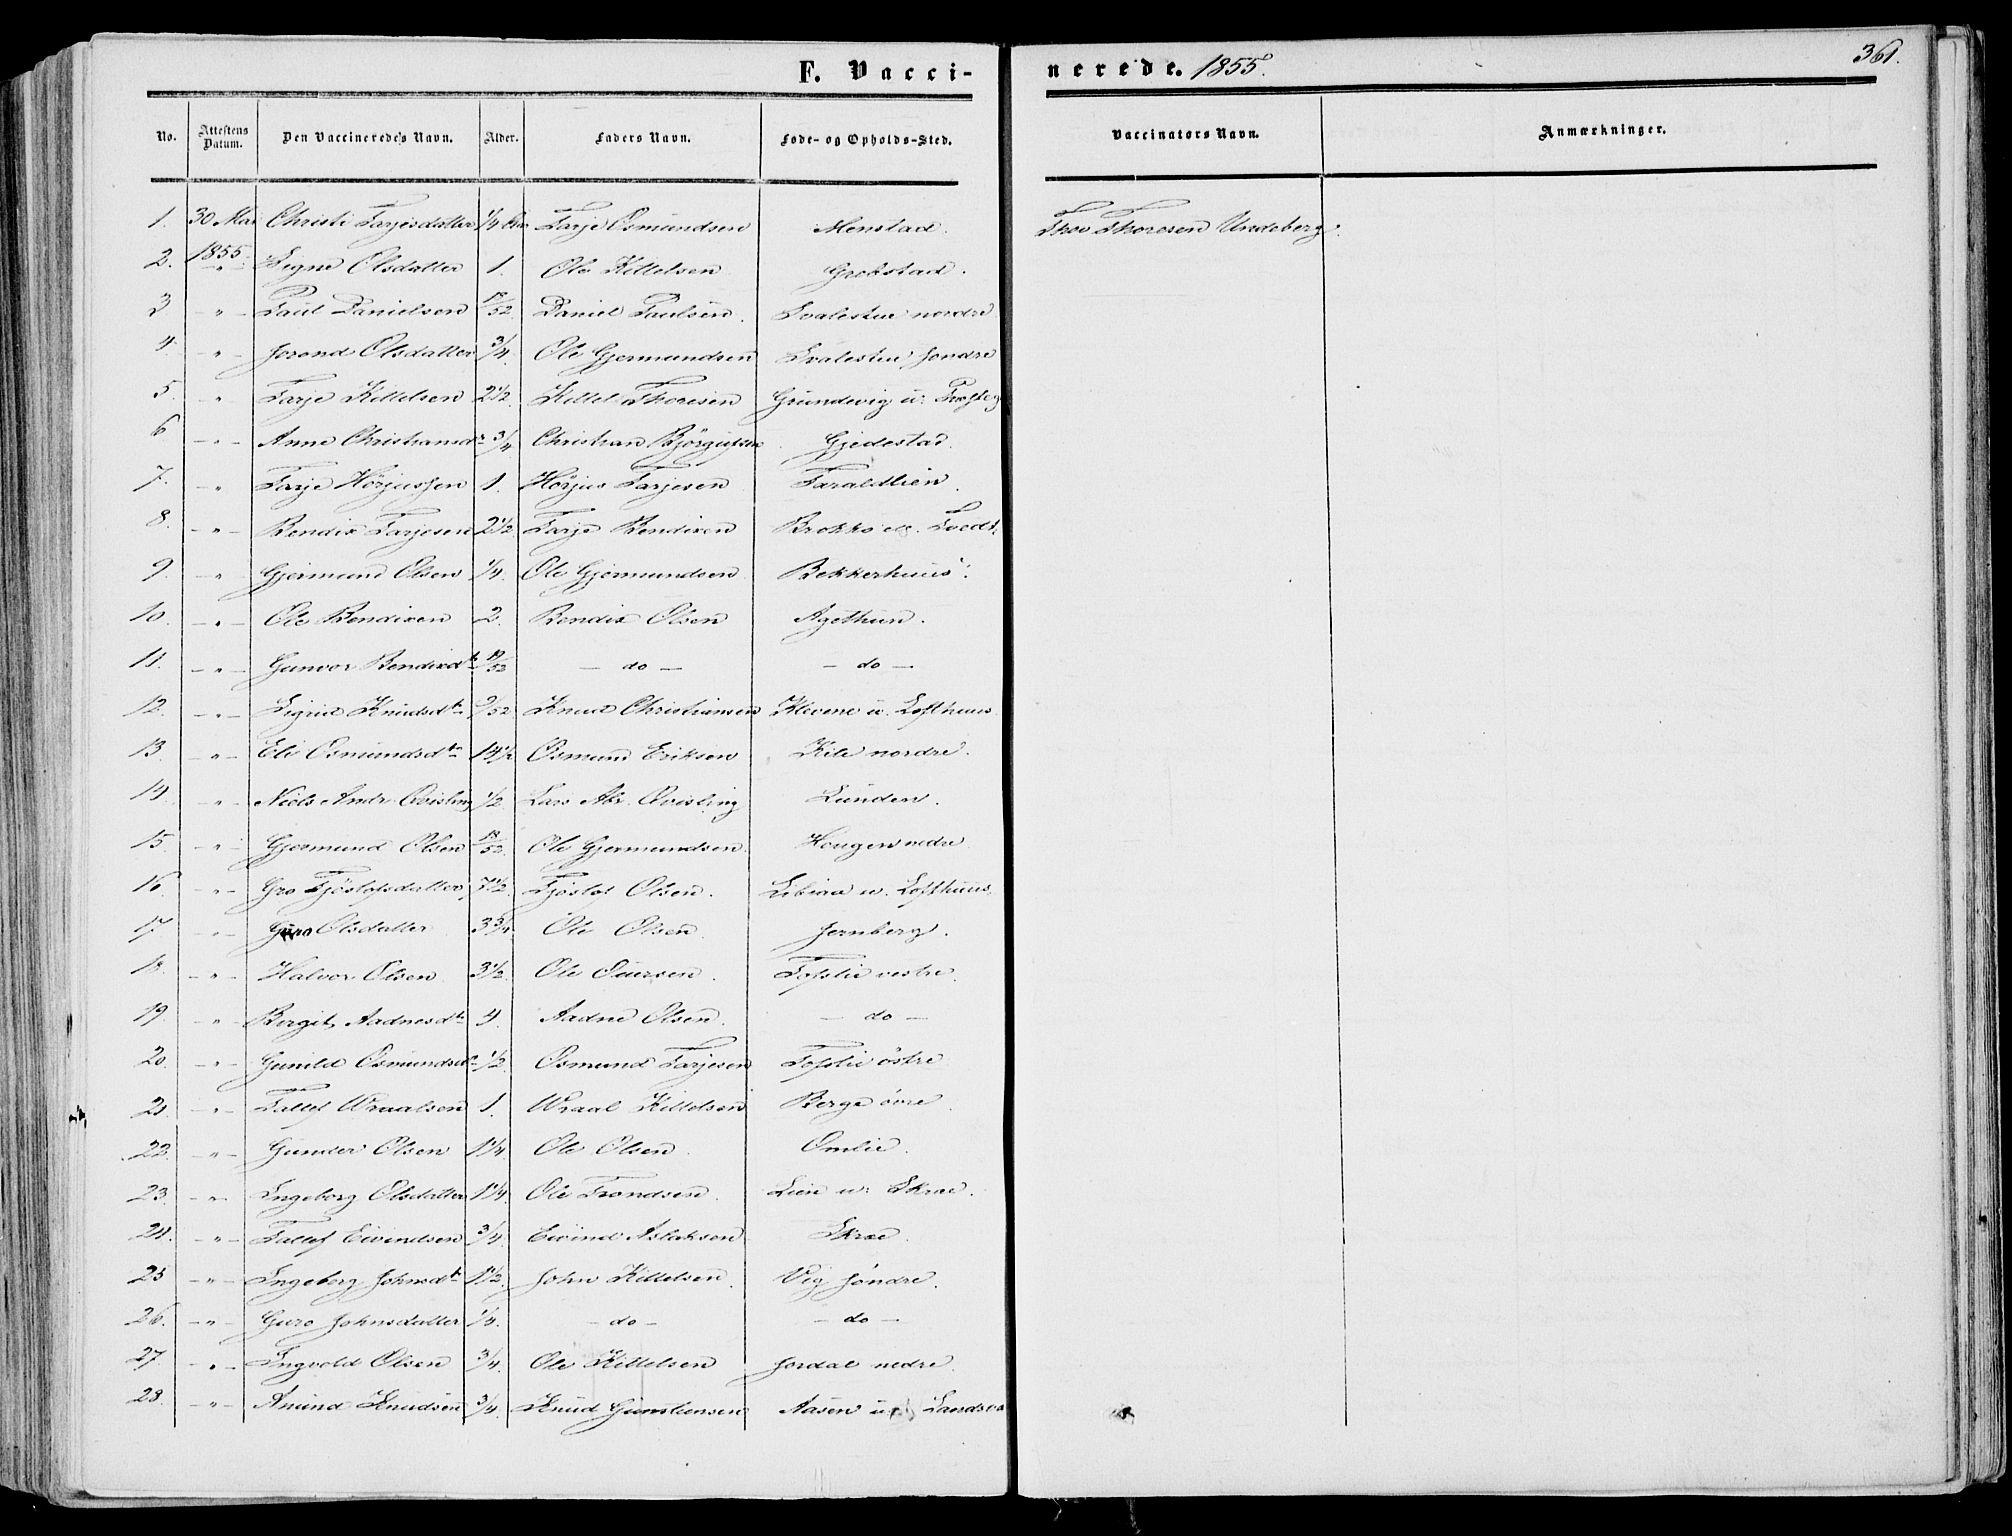 SAKO, Fyresdal kirkebøker, F/Fa/L0005: Ministerialbok nr. I 5, 1855-1871, s. 361